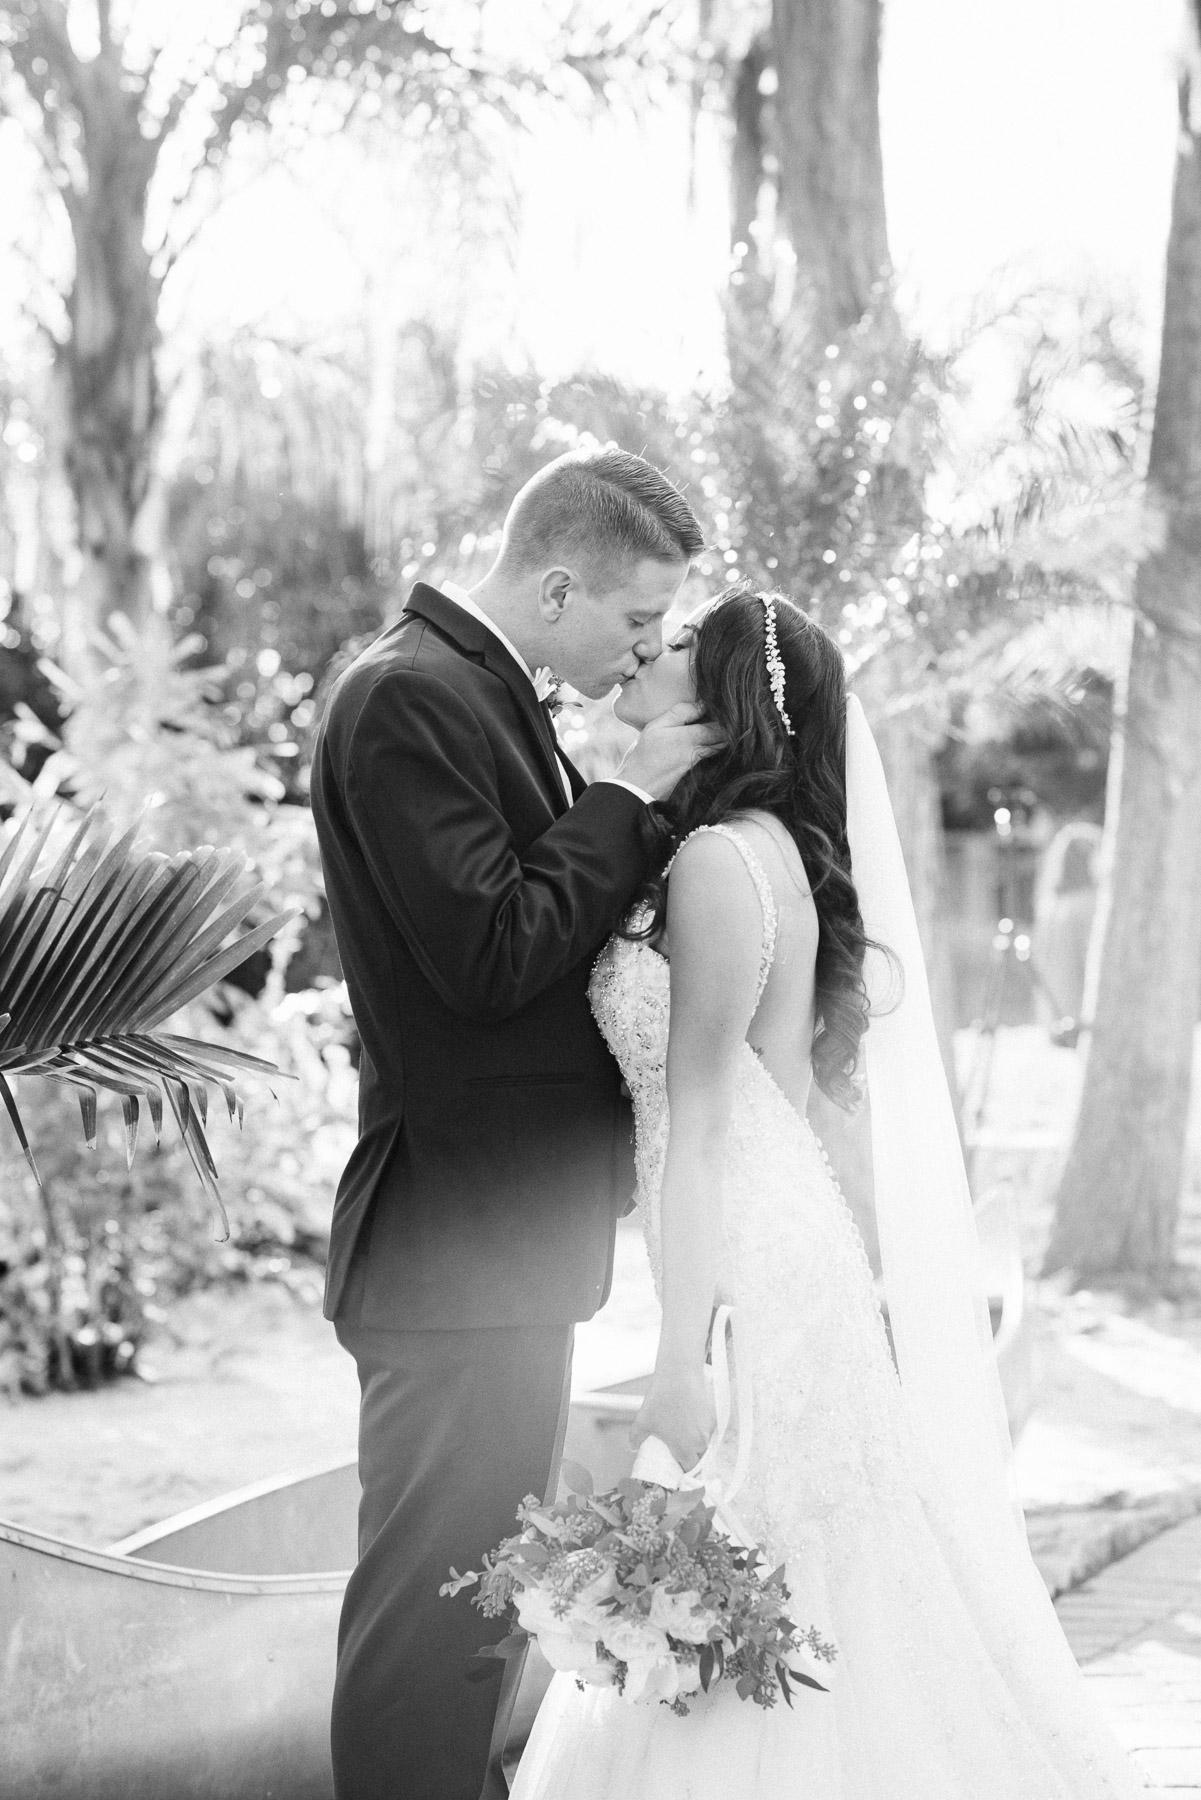 KateTaramykinStudios-Portfolio-Weddings-ParadiseCove-3.jpg